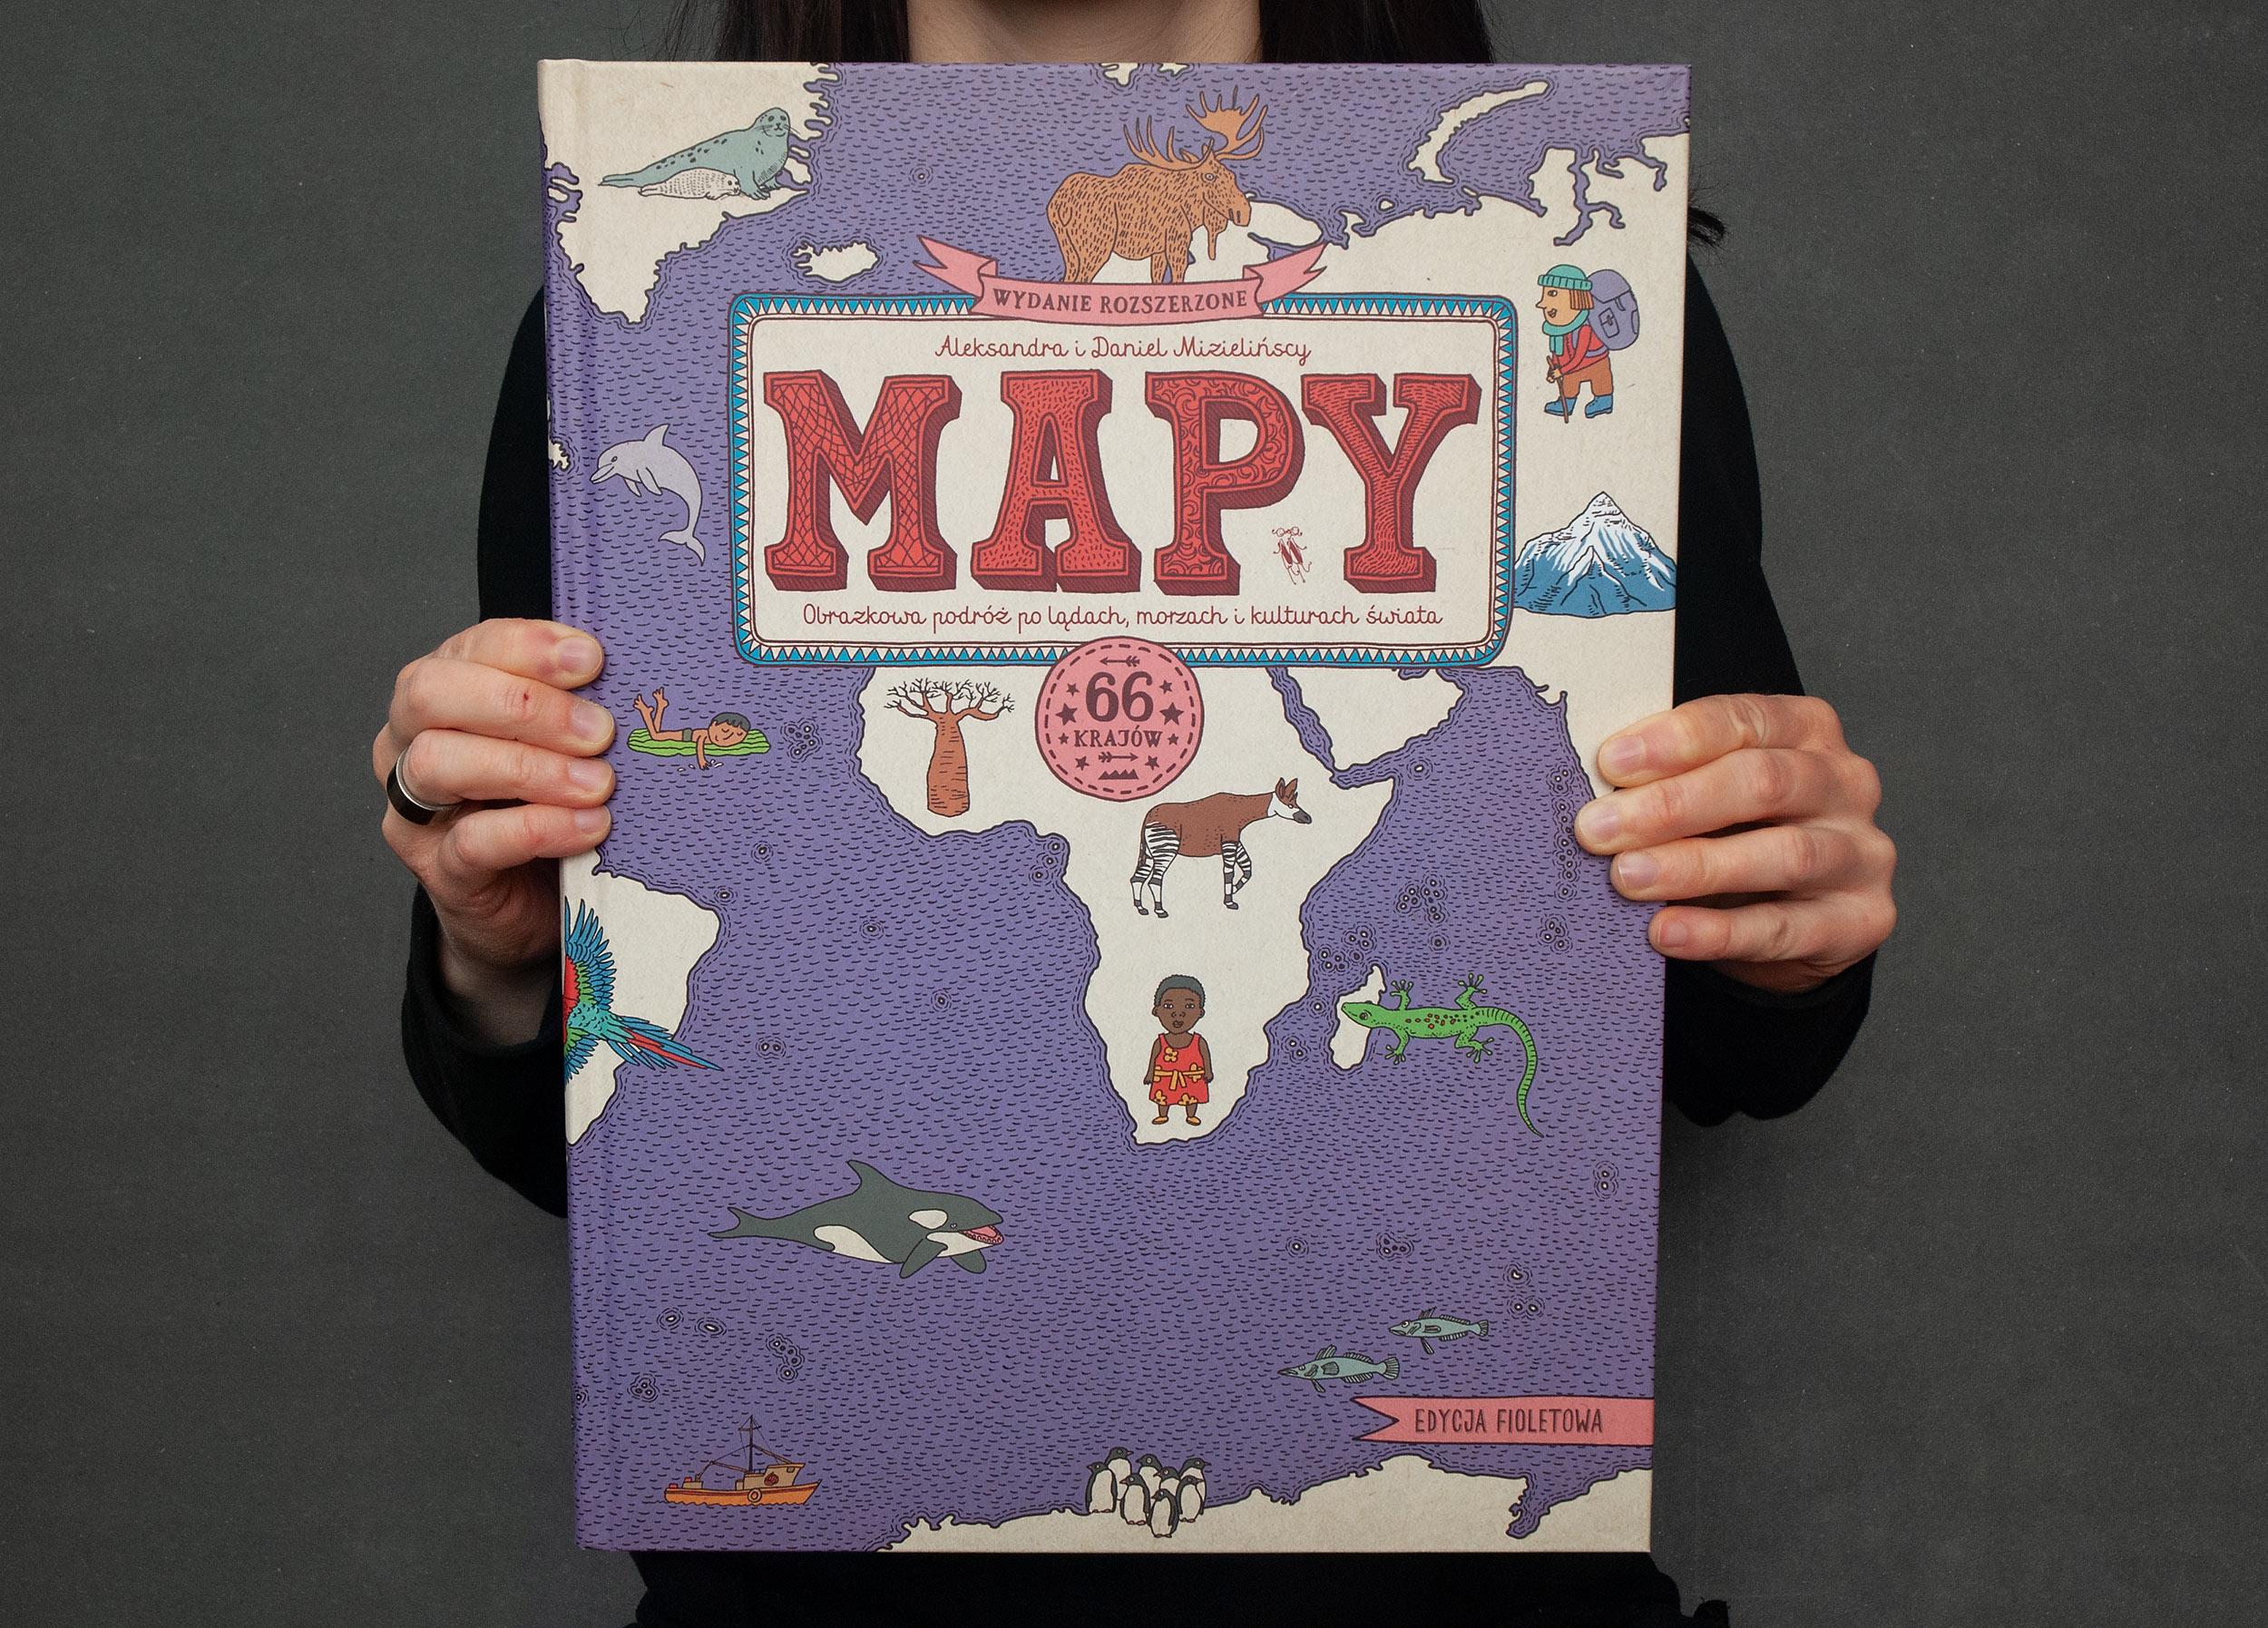 mapy-fioletowe-01.jpg